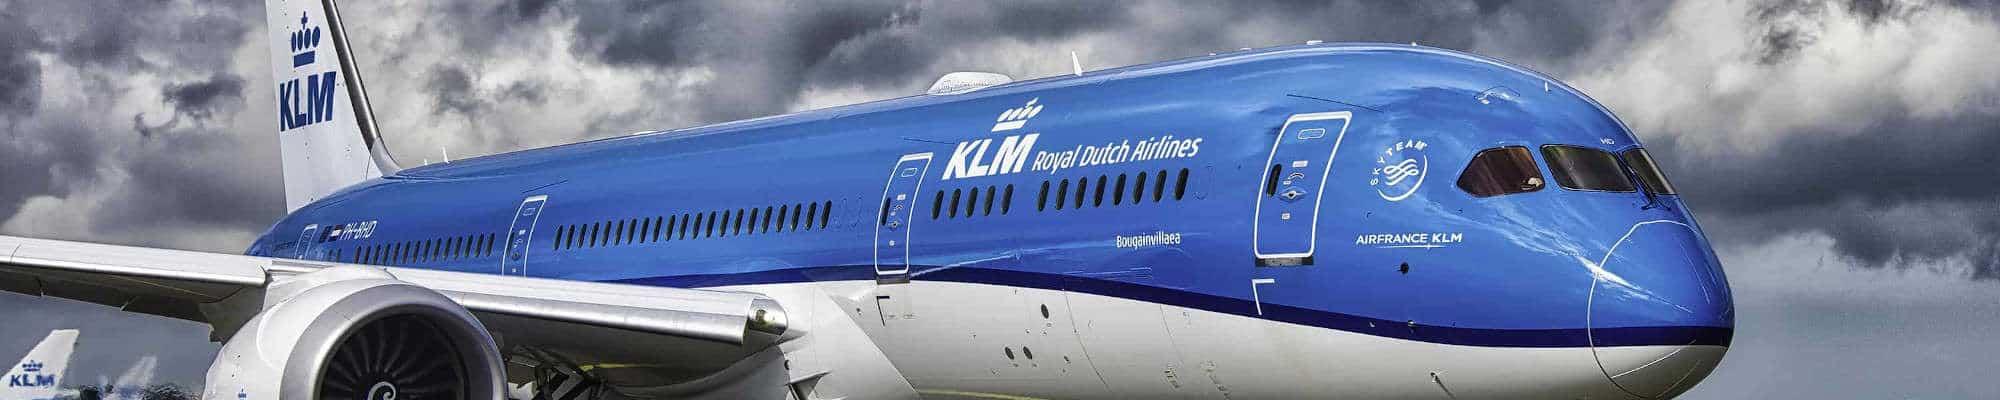 Fotografie-reizen vliegt met KLM